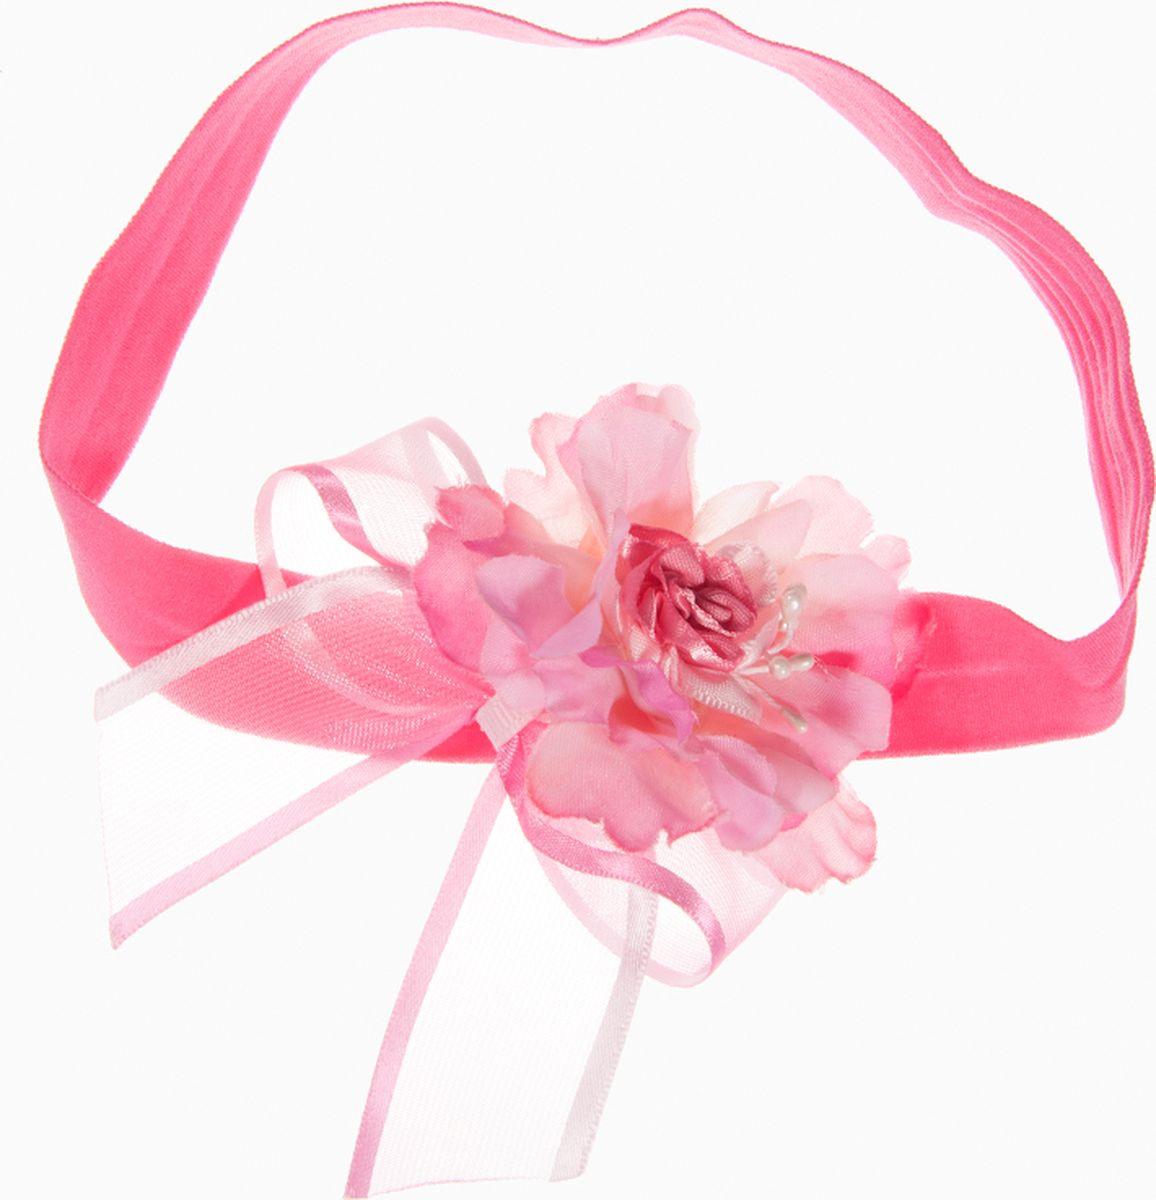 Повязка для волос Babys Joy, MN 15, малиновыйMN 15Повязка на голову. Изготовлена из трикотажной эластичной ленты. Украшена капроновым бантом и цветком. Ширина повязки 2 см.